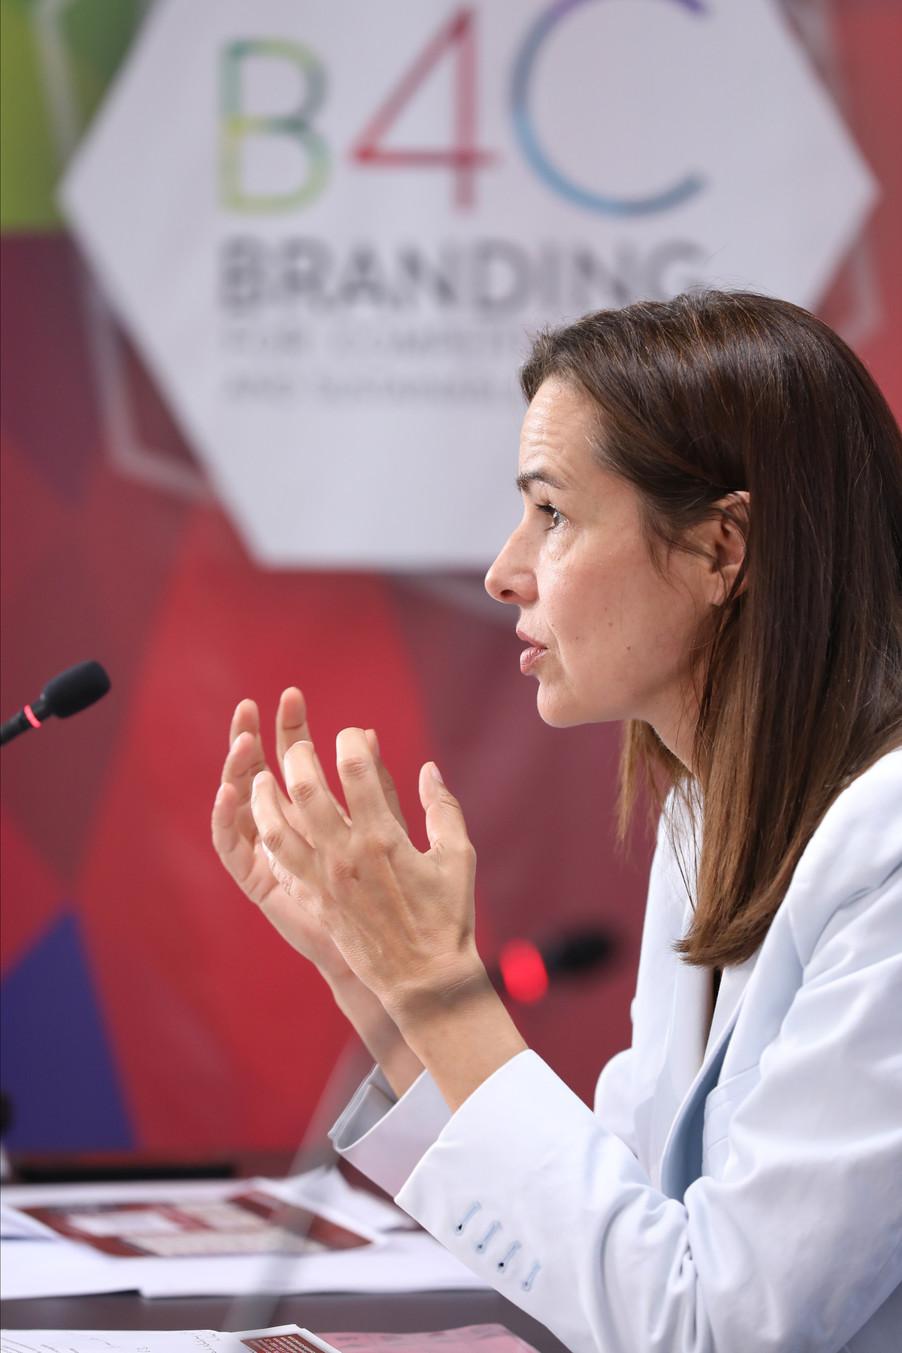 Bild 29 | EBI-STUDIE: So wertvoll und nachhaltig sind Österreichs Markenunternehmen: 1.Red Bull, ...